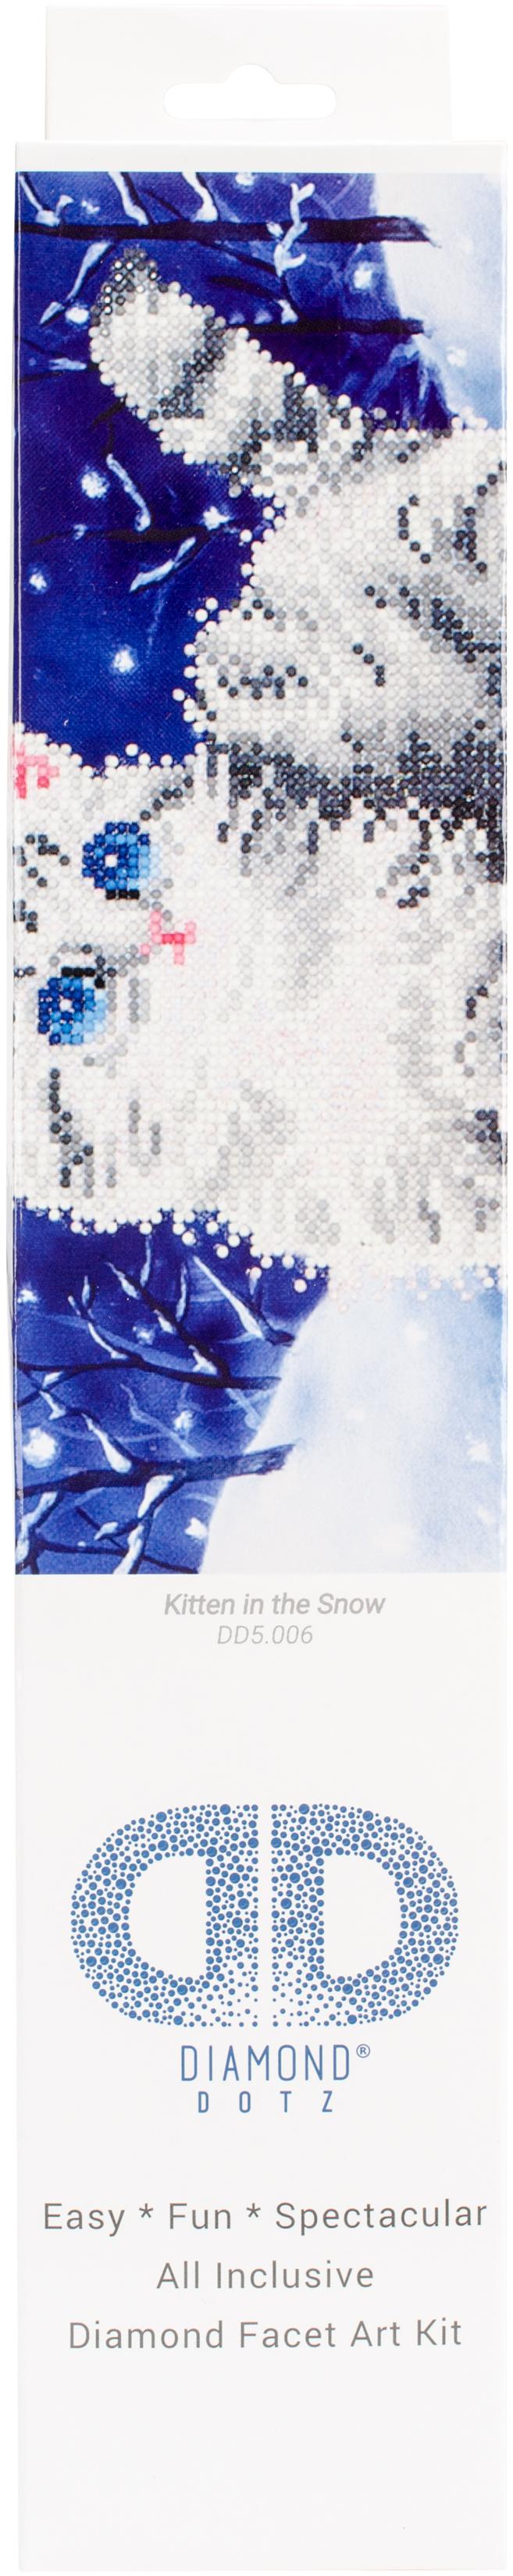 Diamond Dotz Diamond Embroidery Facet Art Kit 17X13.75-Kitten In The Snow